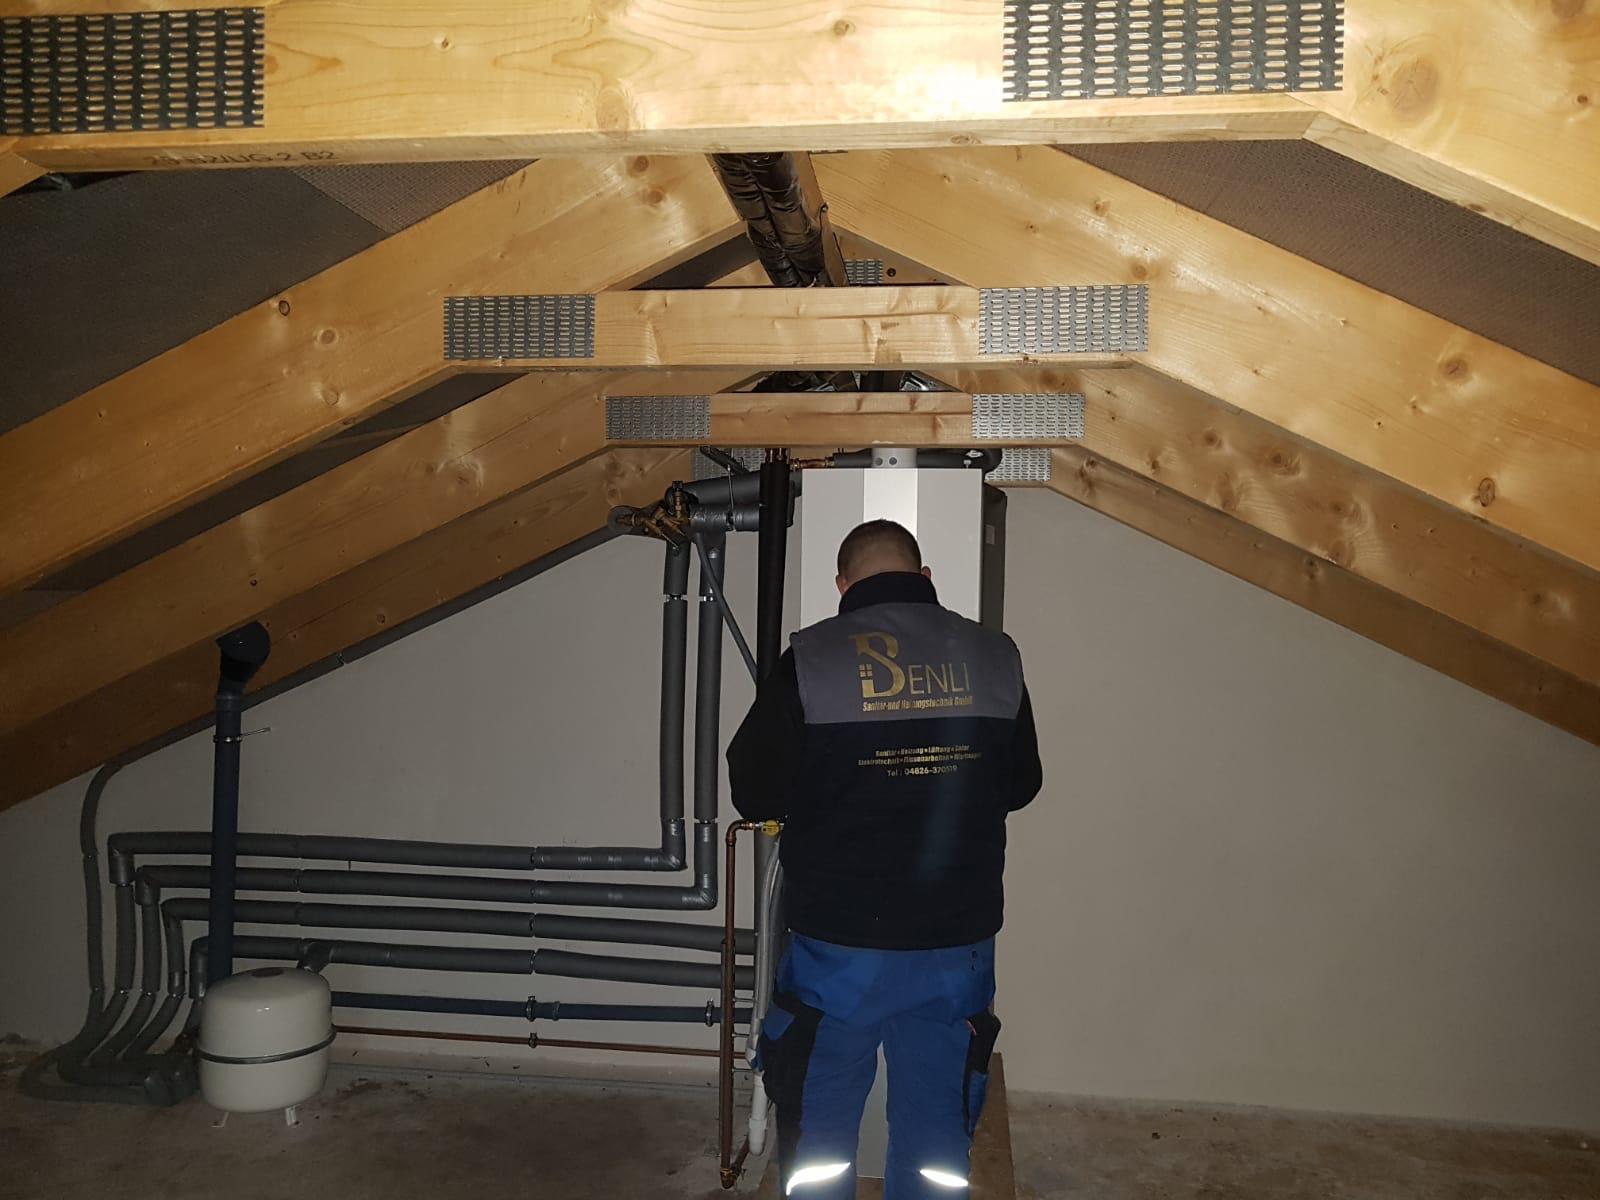 doppelhaus_bad_bramstedt_1_heizungsanlage_solaranlage_badinstallation